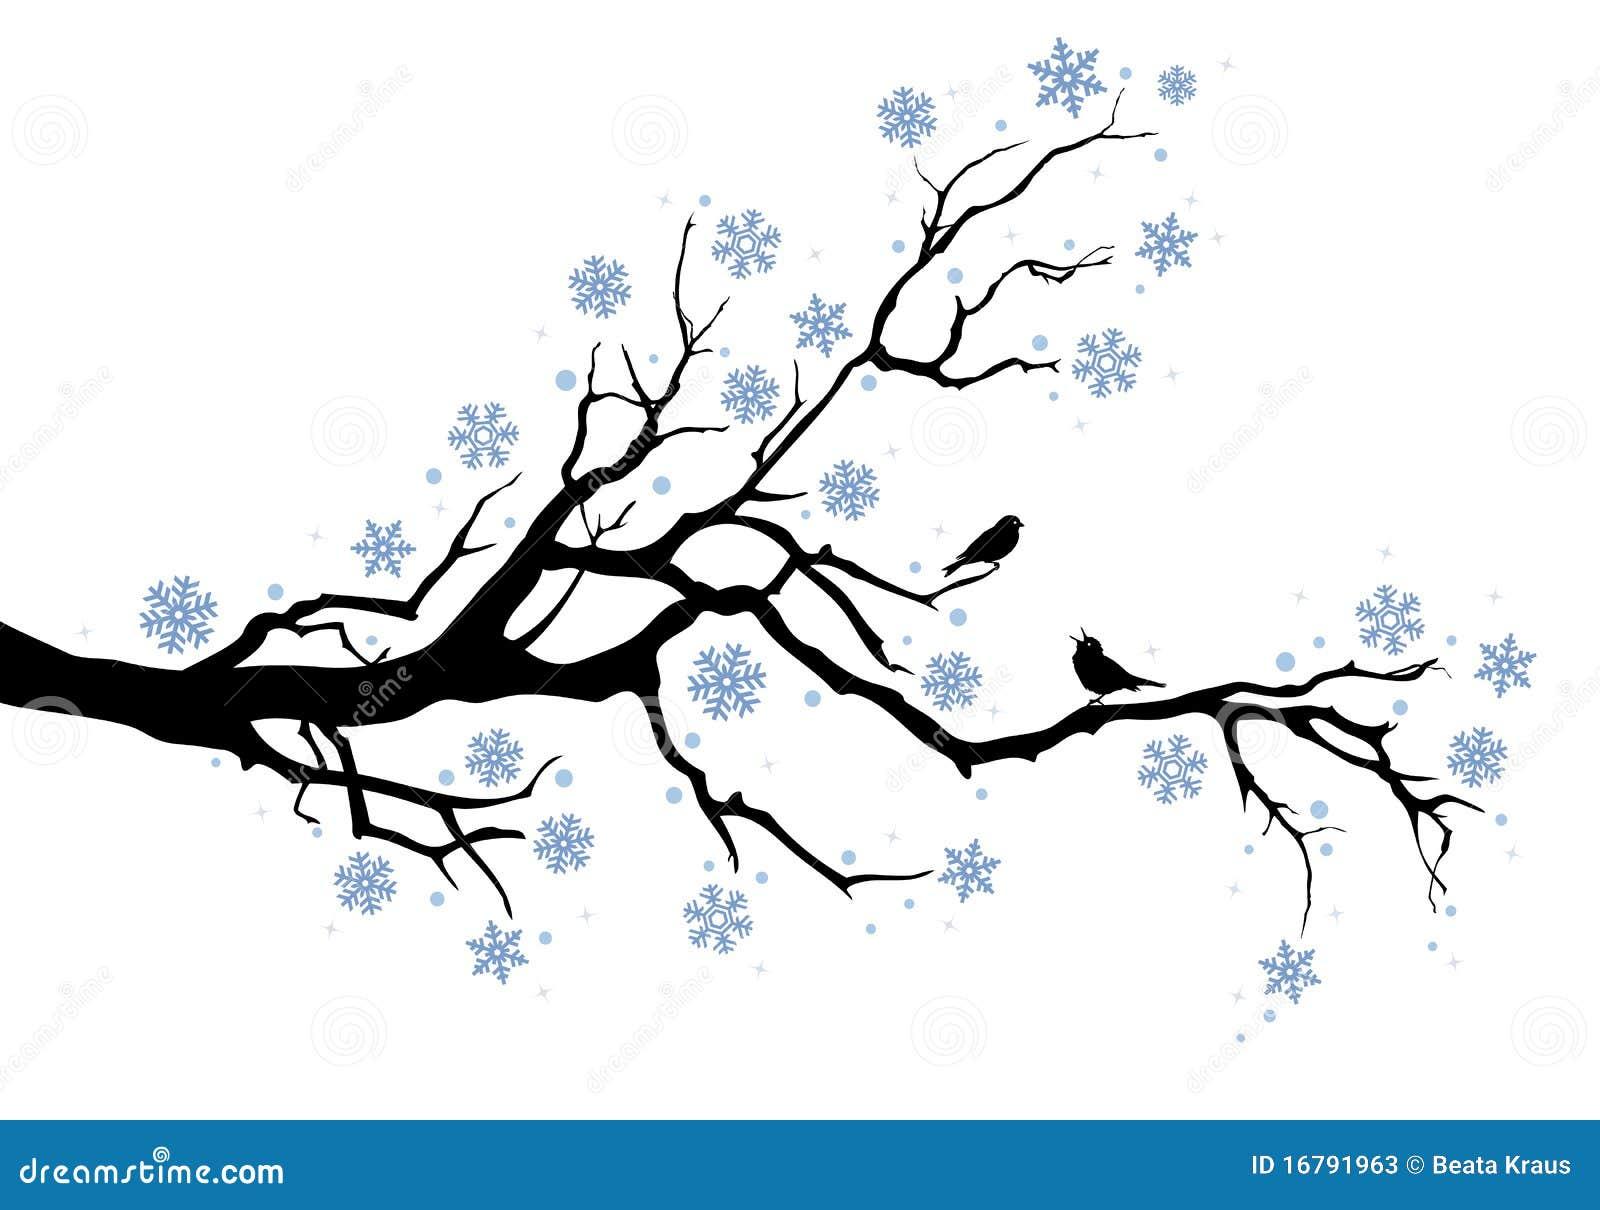 Winter tree branch stock vector. Illustration of branch ...